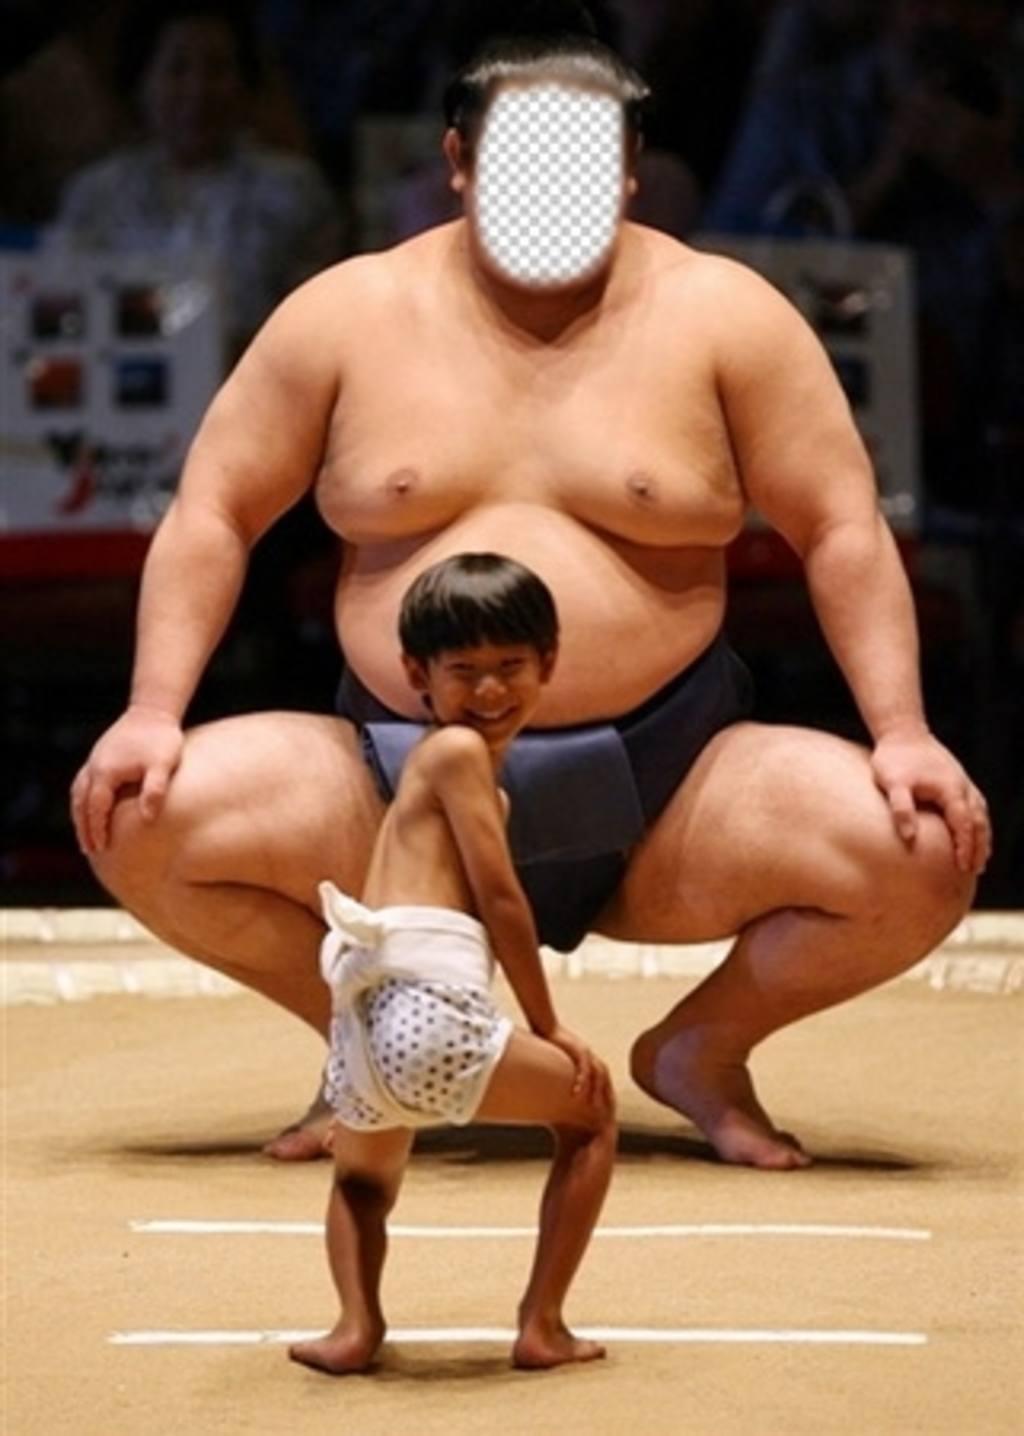 Effet en ligne drôle de mettre votre visage dans Modifie dun lutteur de sumo avec une image cet effet et ajuster votre visage dans le visage dun grand lutteur de sumo avec un petit enfant dans larène de combat et davoir du plaisir à faire cet effet quil sera très réaliste avec un de vos photos et de vous voir avec un corps énorme. Envoyer à vos amis pour les faire rire